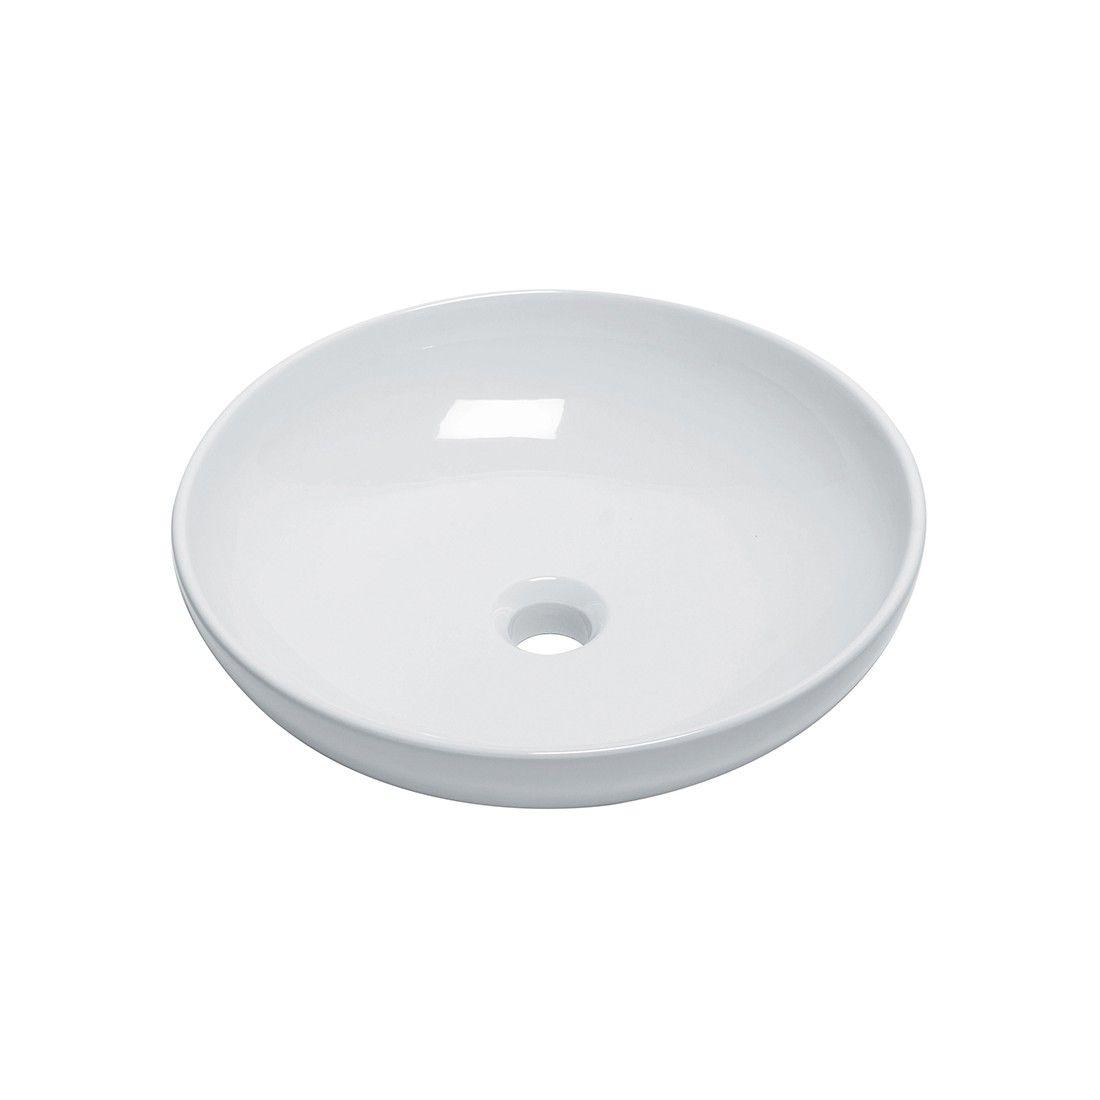 Vasque à poser ronde 46 cm en céramique blanche modèle tondo